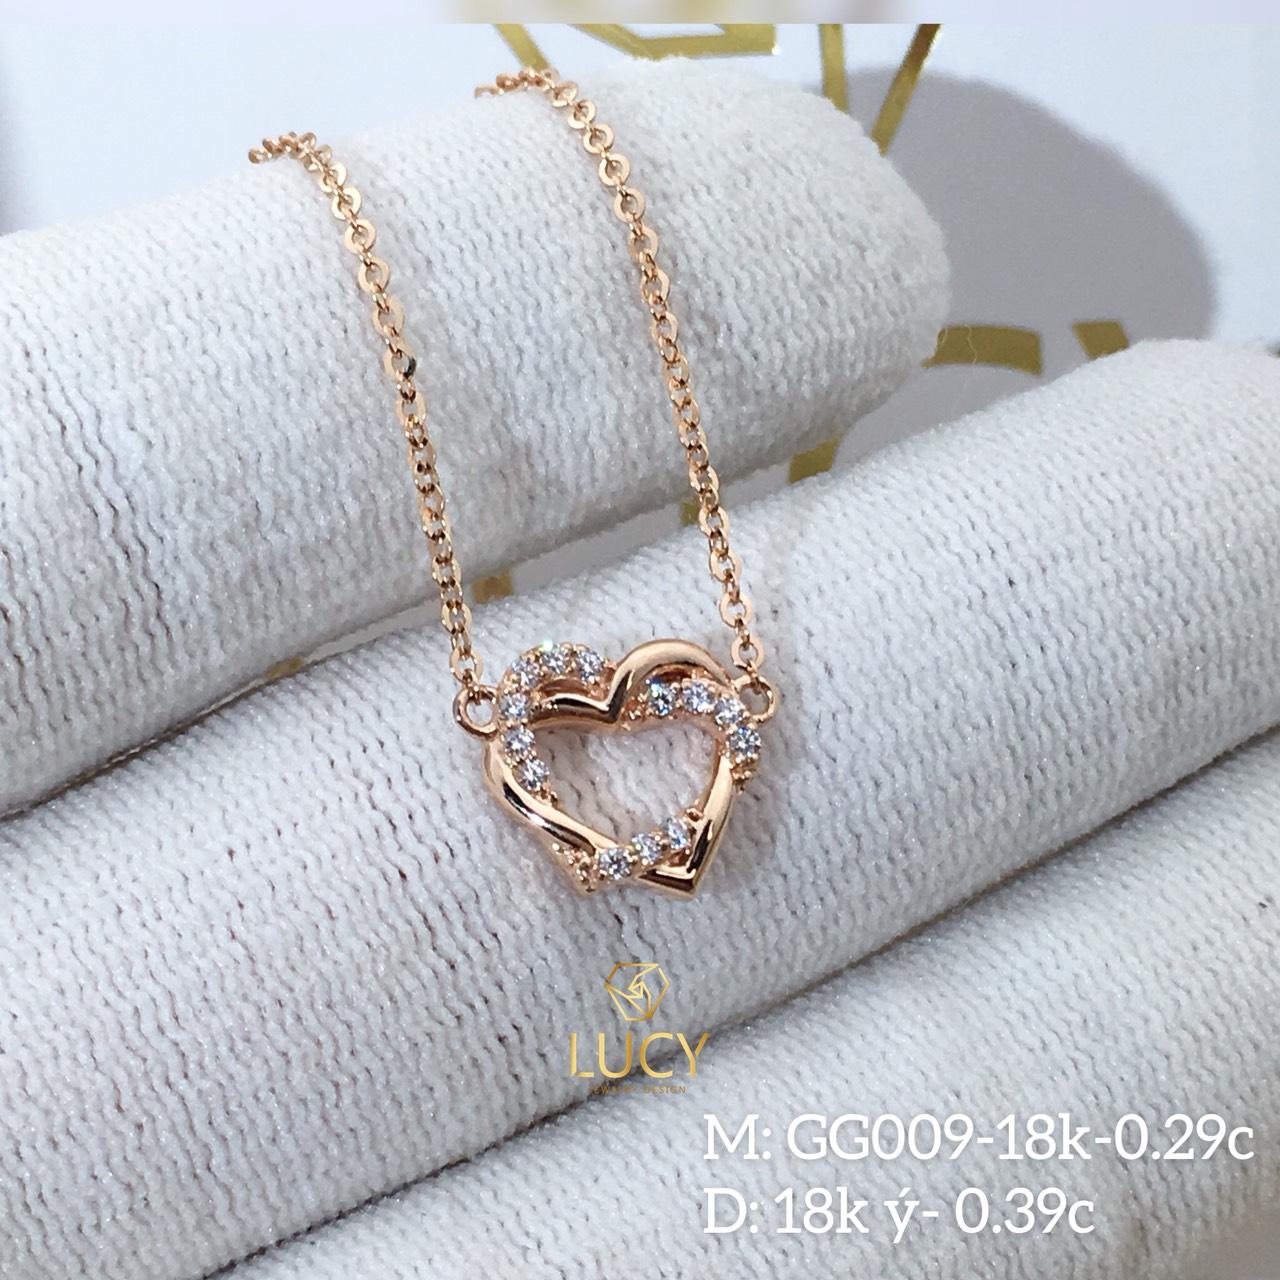 GG009 Mặt dây chuyền thiết kế trái tim vàng 10k 14k 18k - Lucy Jewely